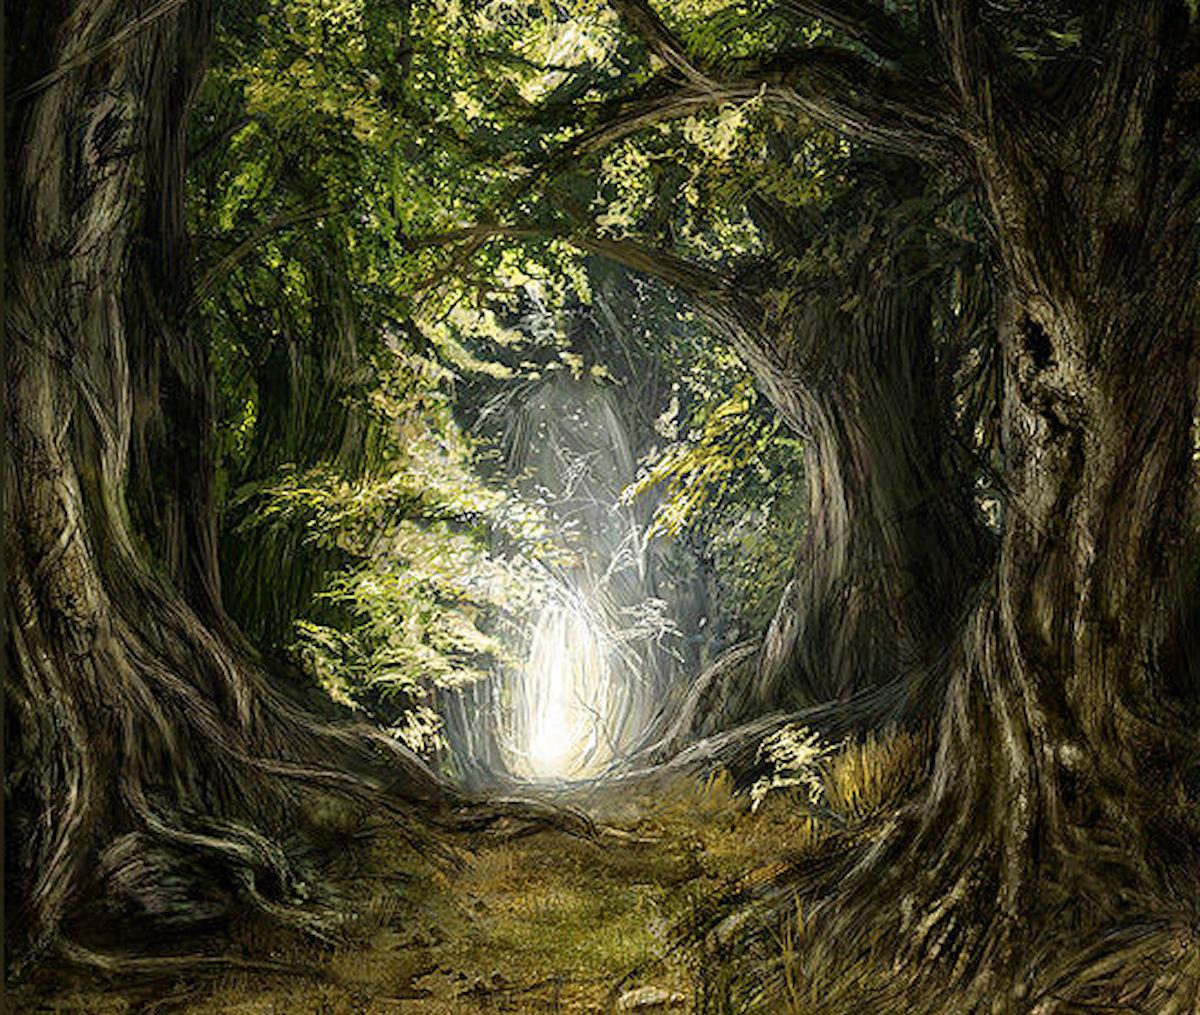 http://i1.sndcdn.com/artworks-000058849896-12gh96-original.jpg?164b459